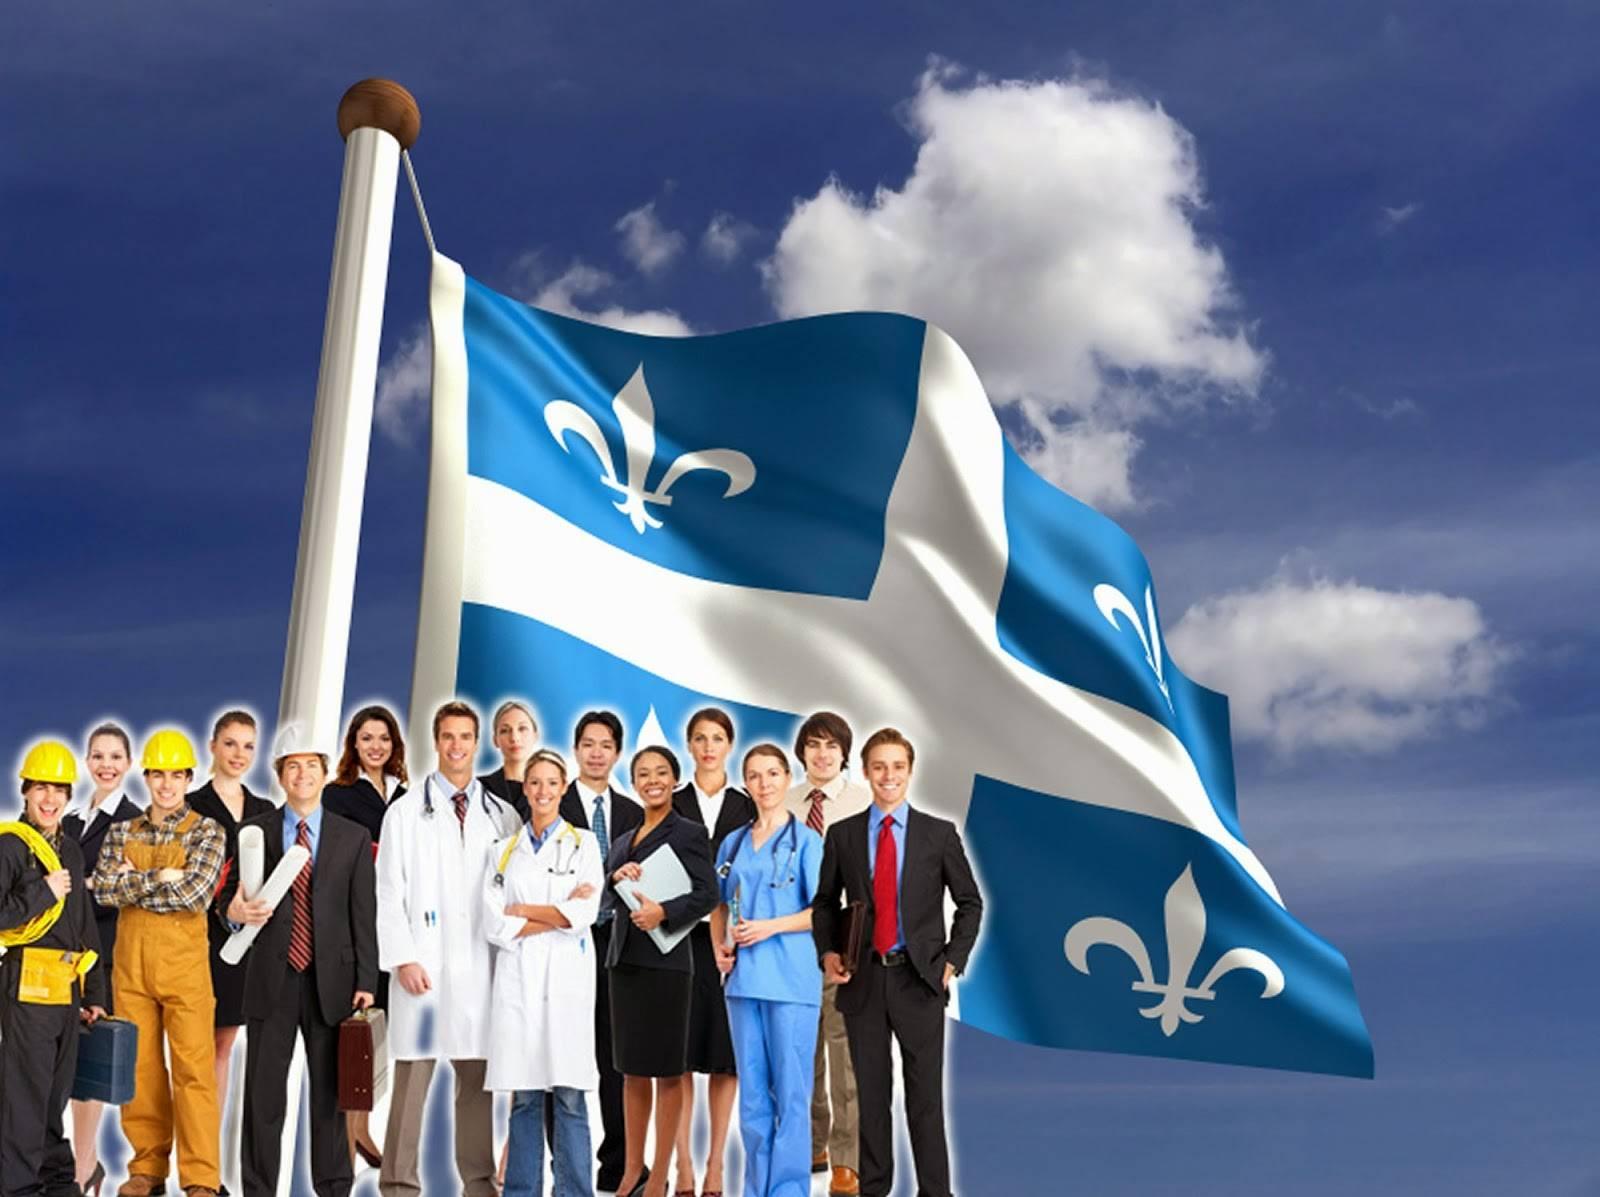 Переезд в канаду на пмж из россии: программы иммиграции, документы, стоимость, сроки, отзывы